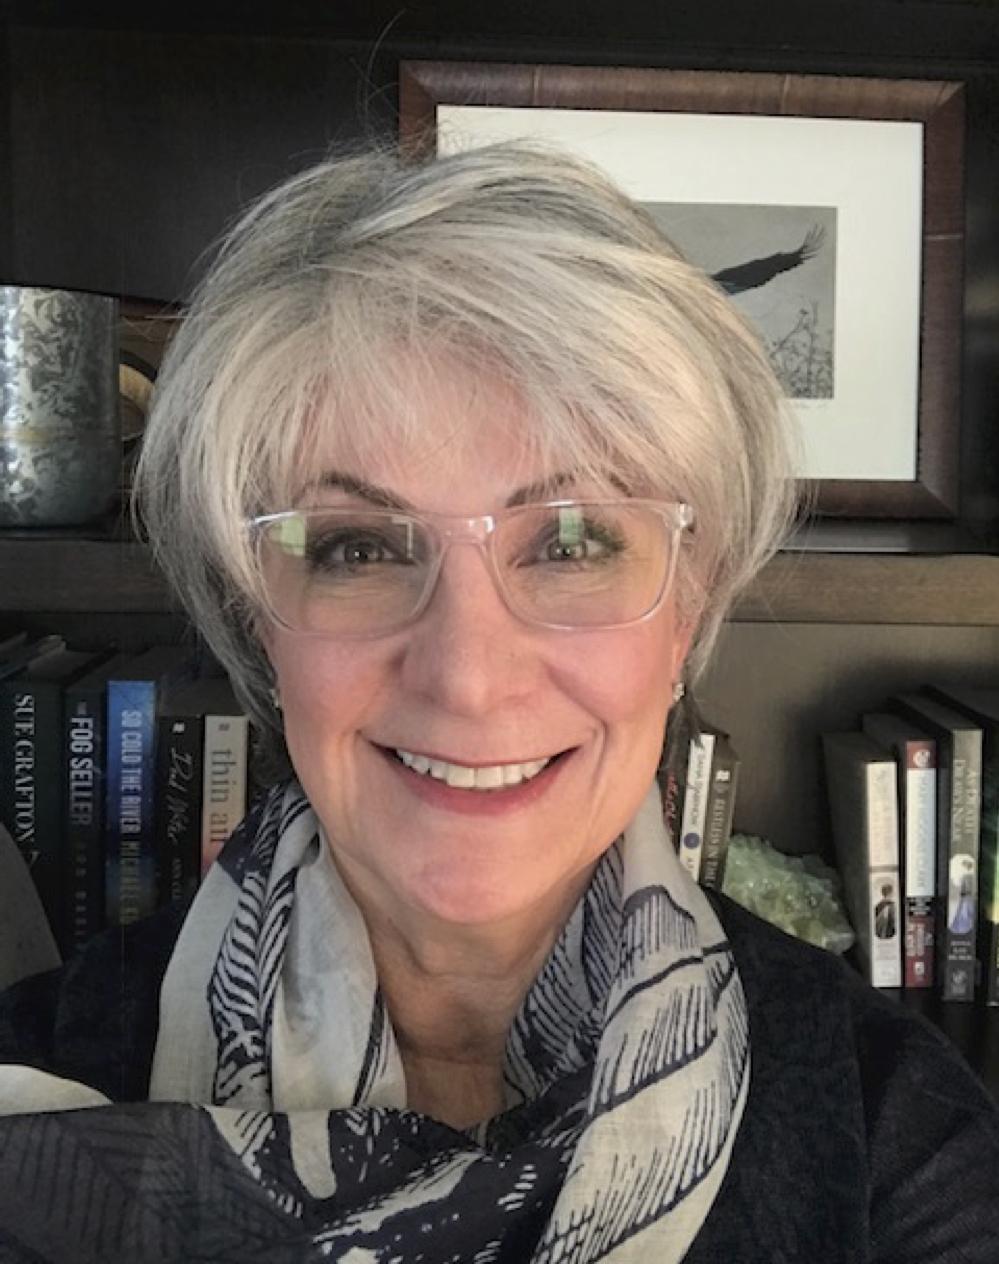 Melanie Bedwell